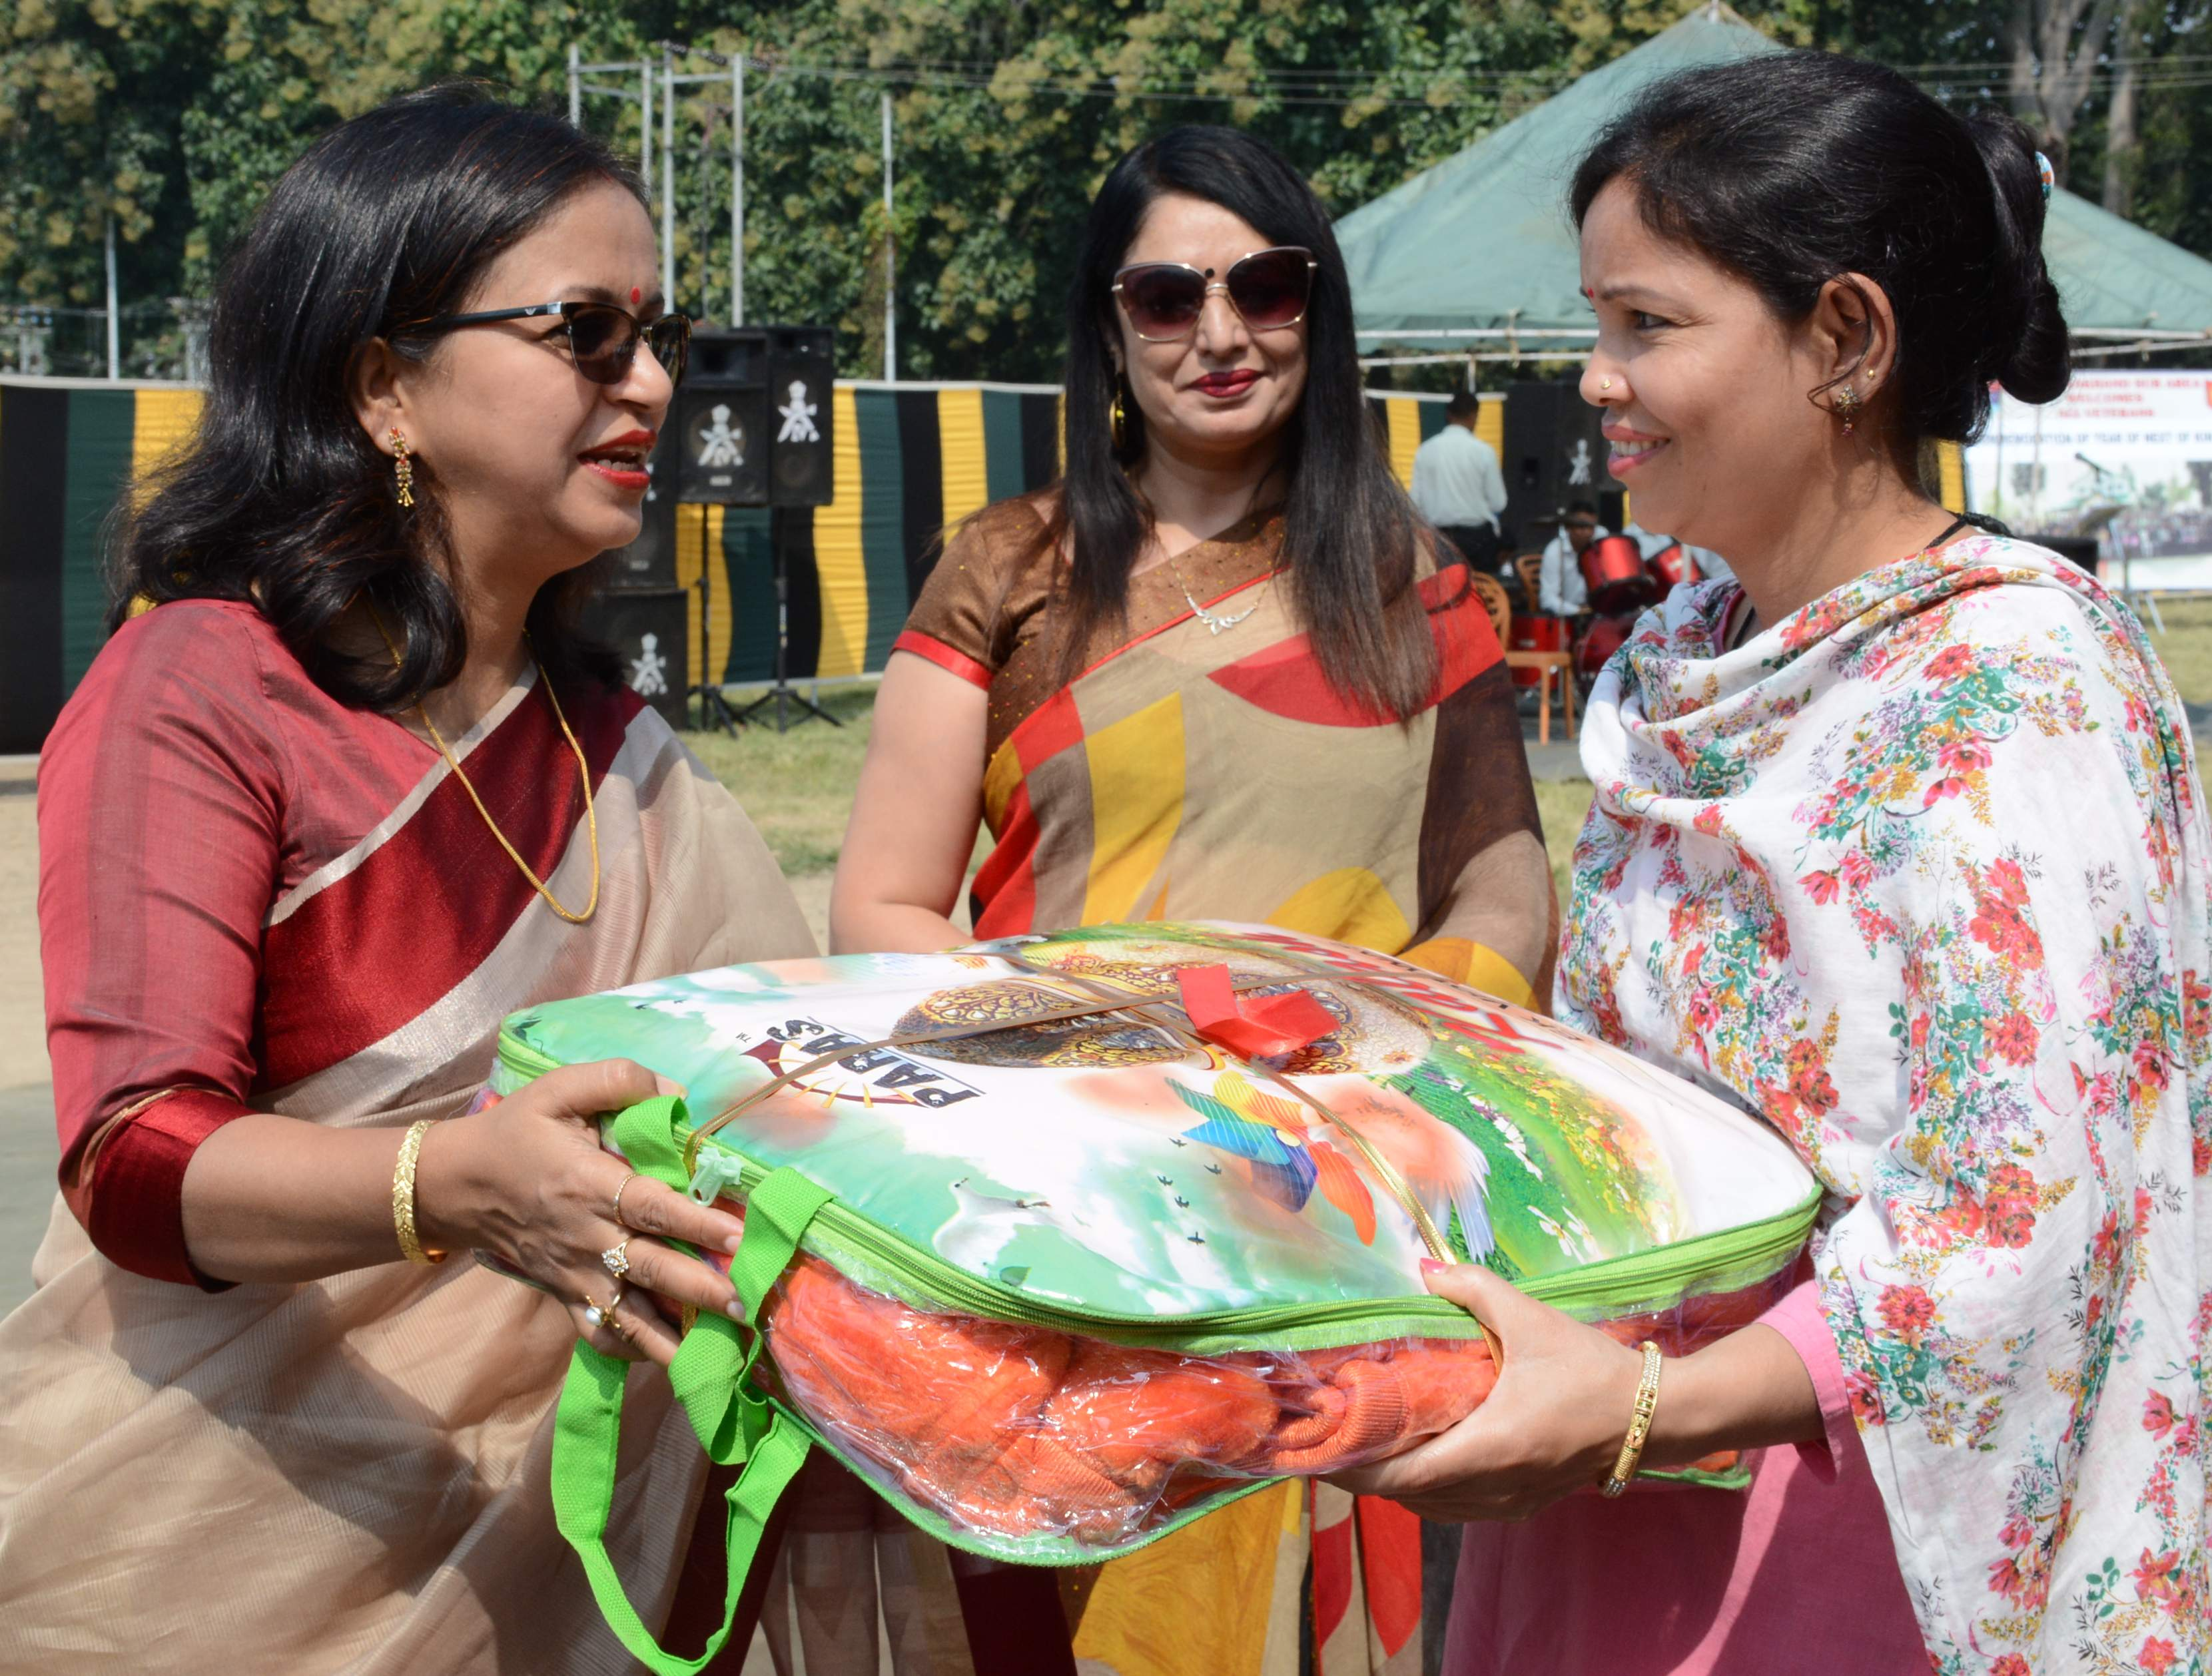 कौलागढ़ स्थित शहीद जसवंत सिंह ग्राउंड में आयोजित कार्यक्रम में वैटरन, वीर नारी को सम्मानित करती?